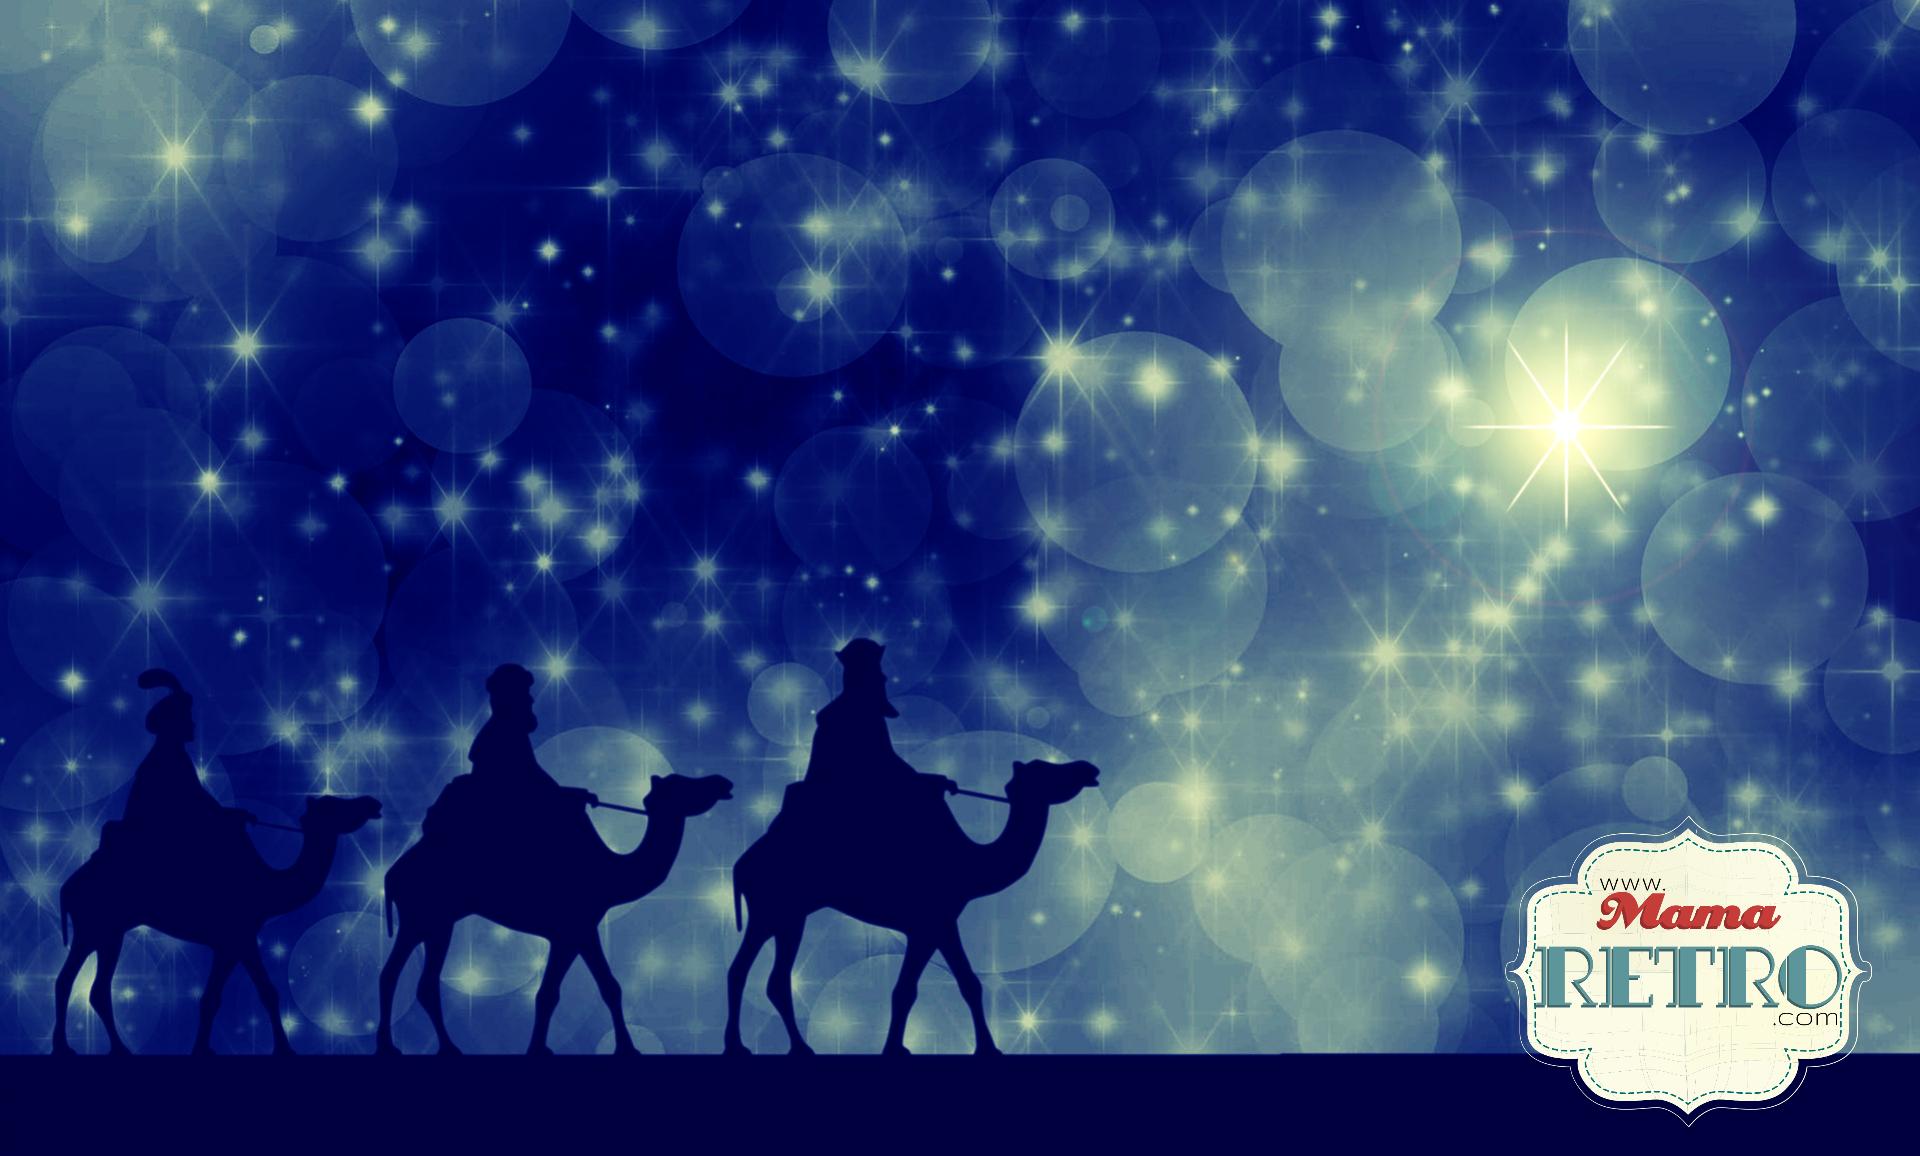 consejos para comprar regalos de navidad sin estres